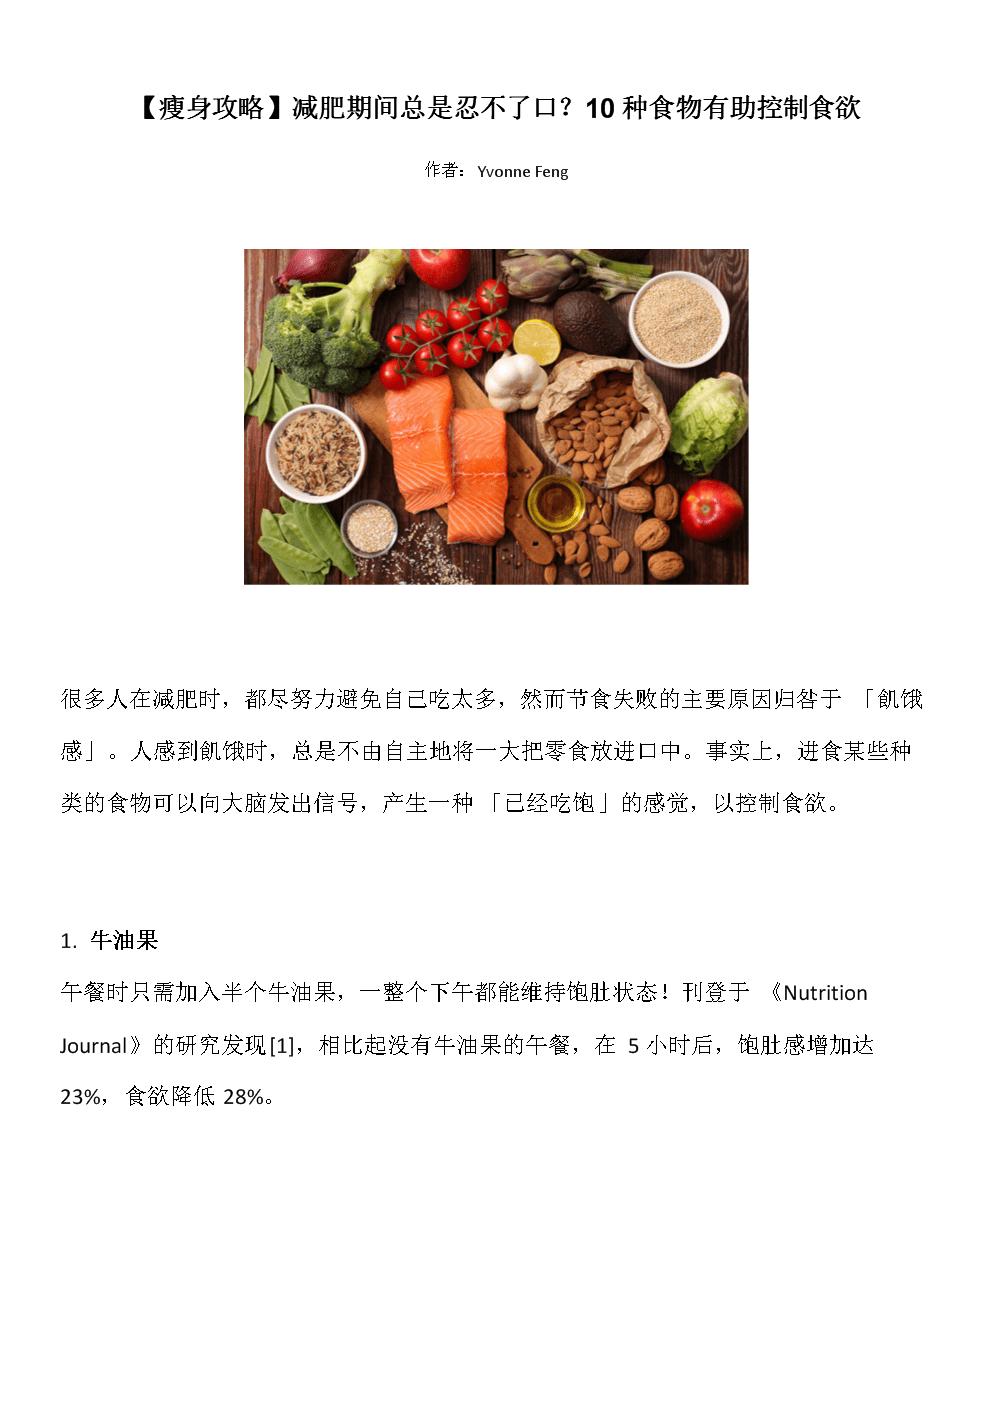 【瘦身攻略】减肥期间总是忍不了口?10种食物有助控制食欲.docx